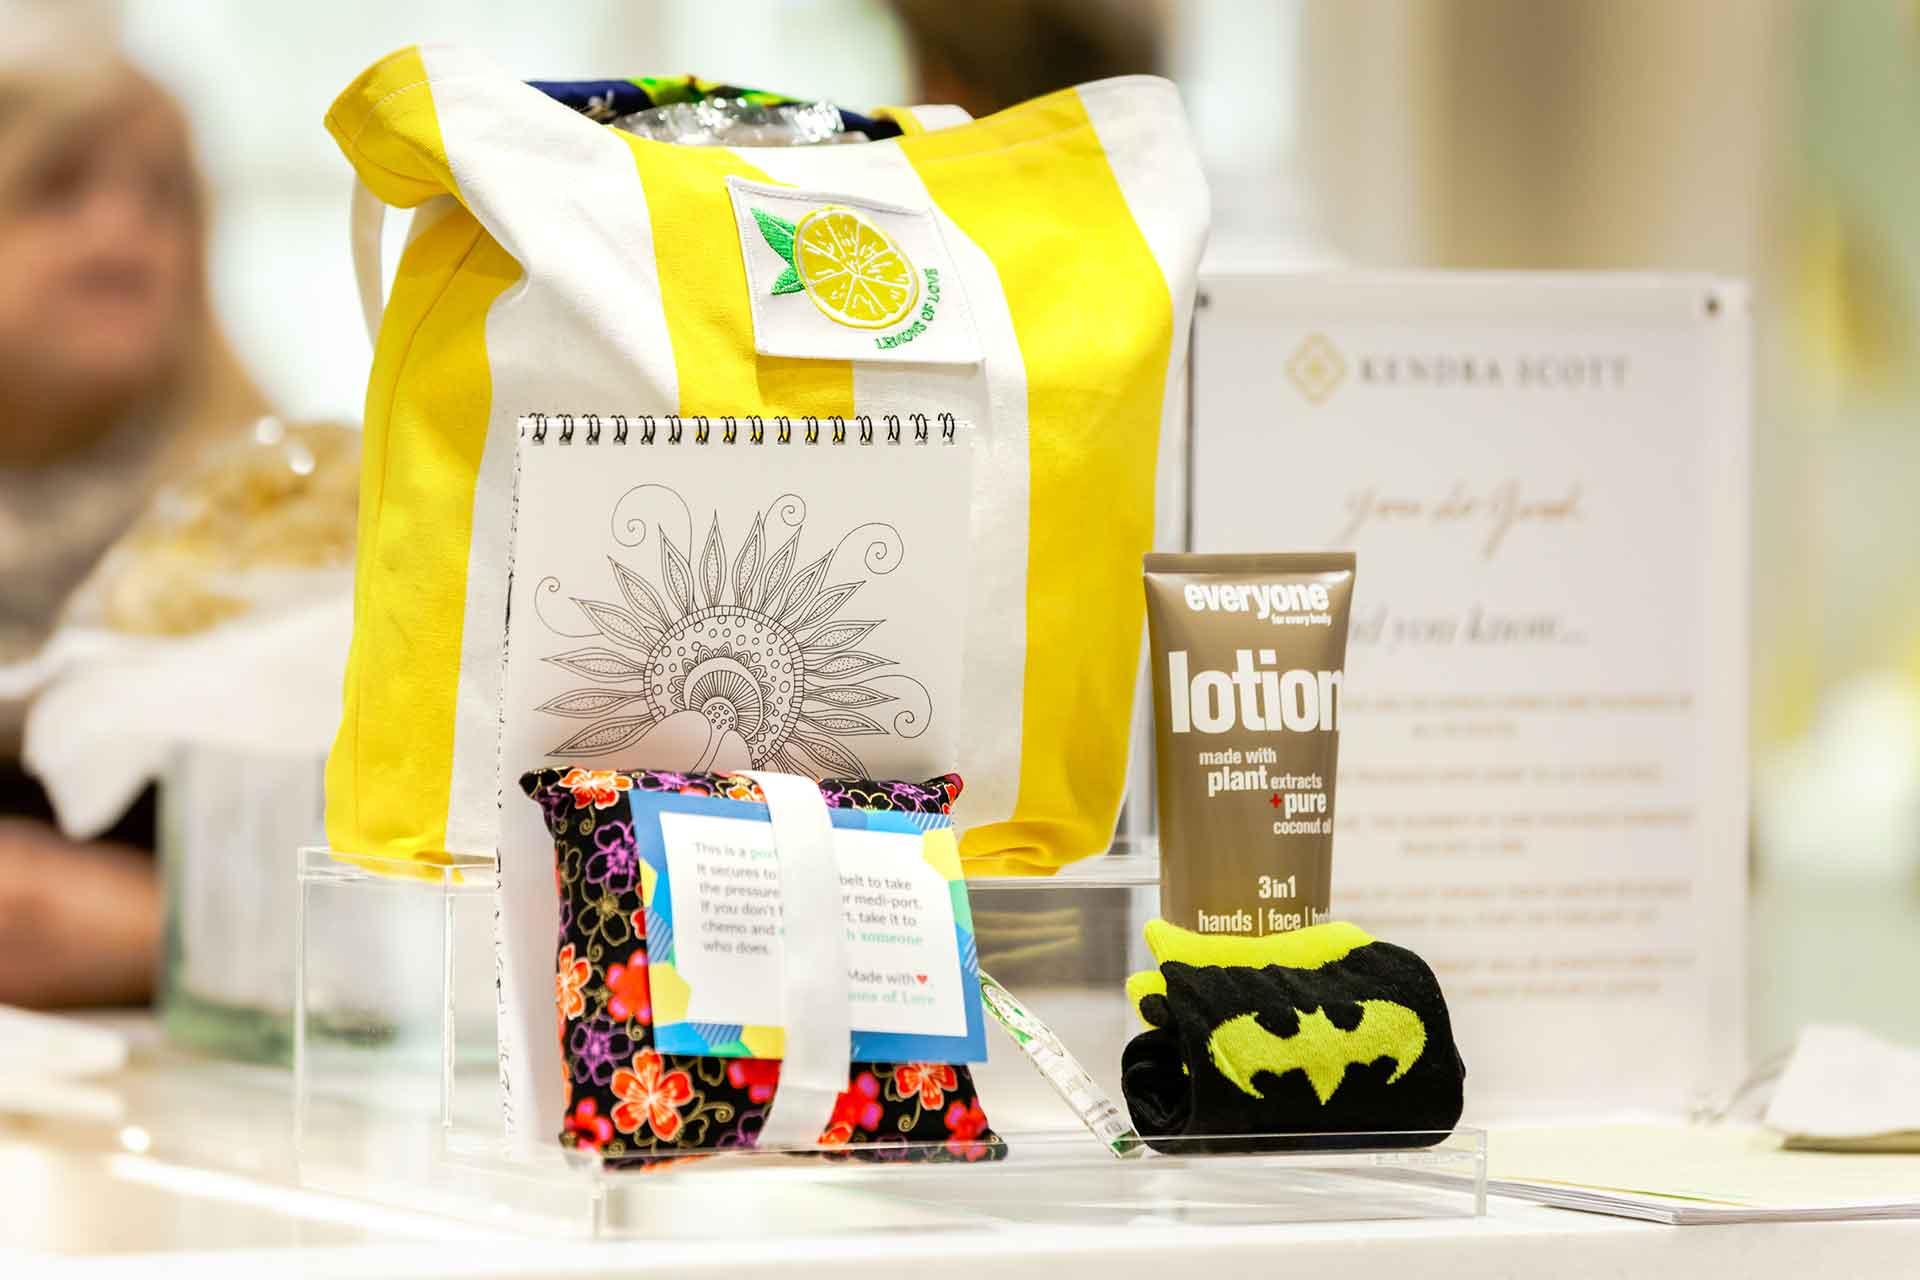 lemons-of-love-care-package-display